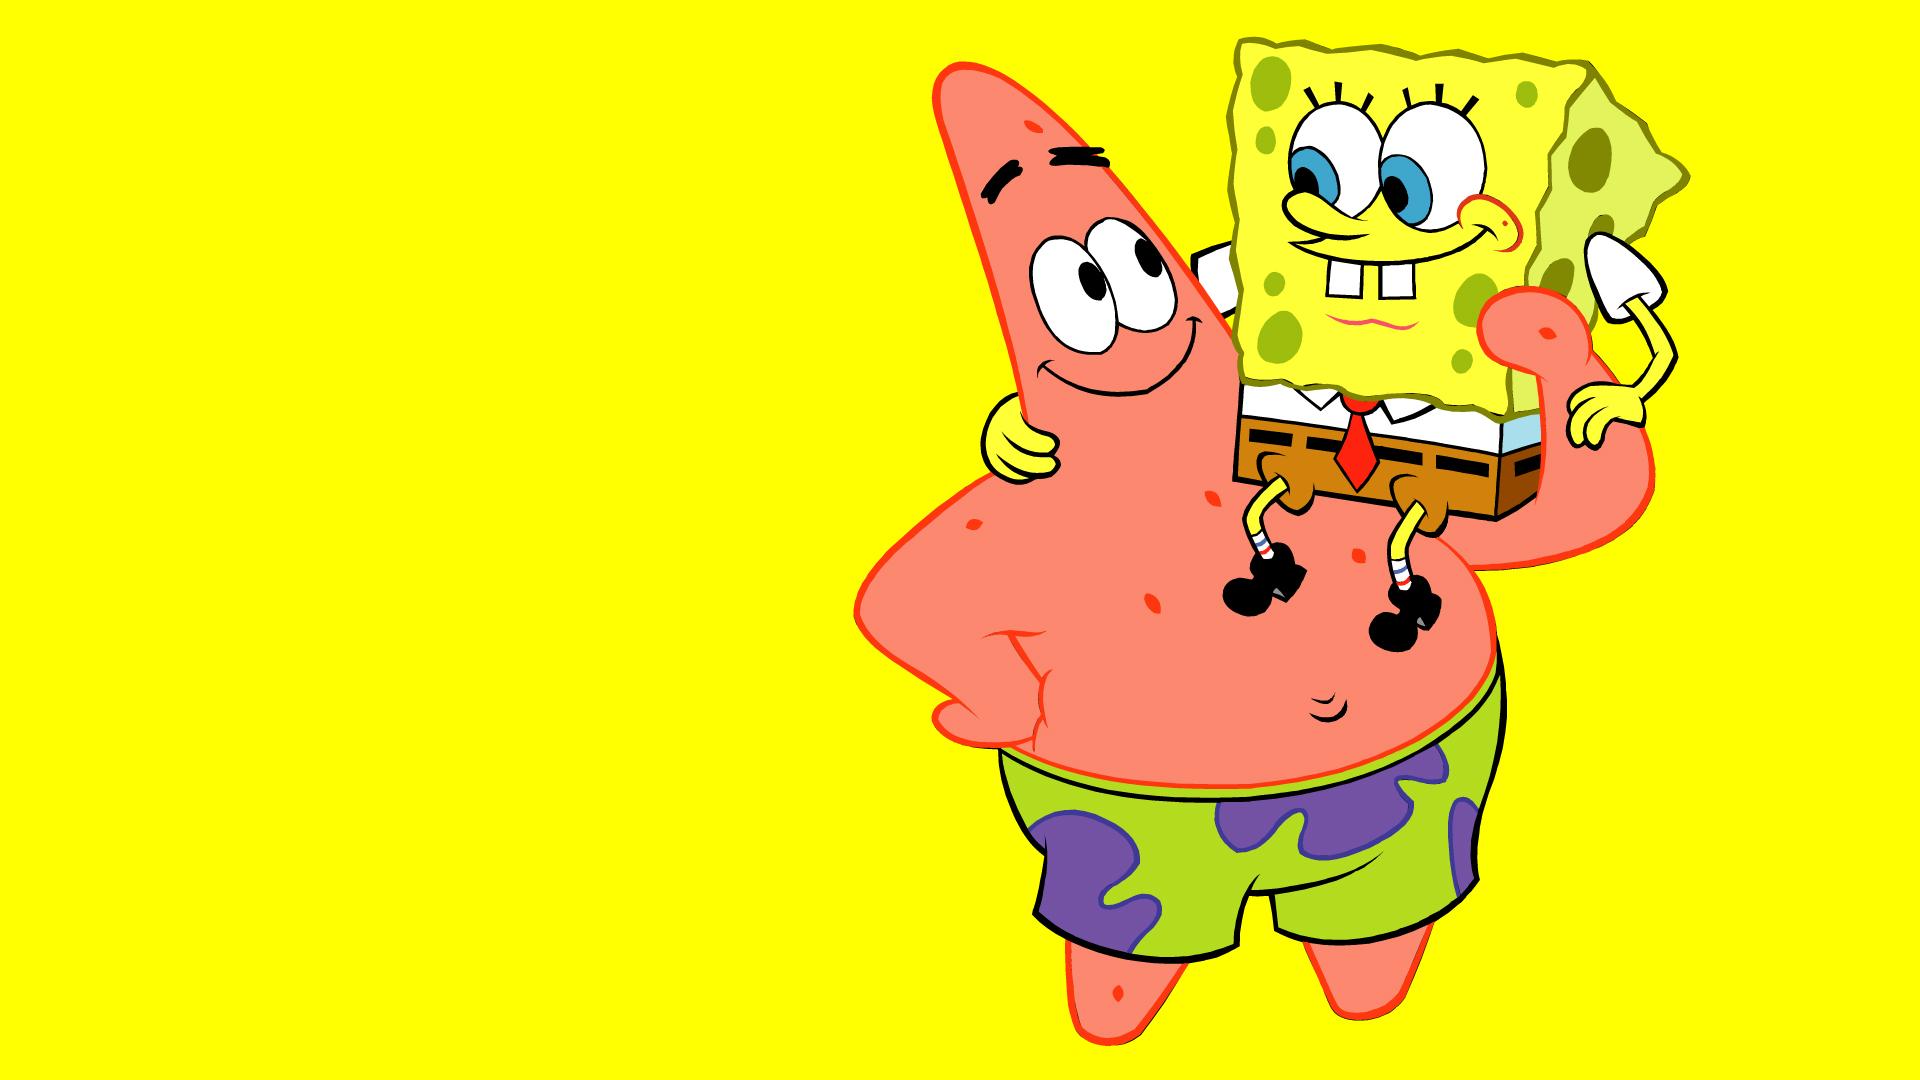 Spongebob and Patrick wallpaper spongebob squarepants 40584885 1920 1080